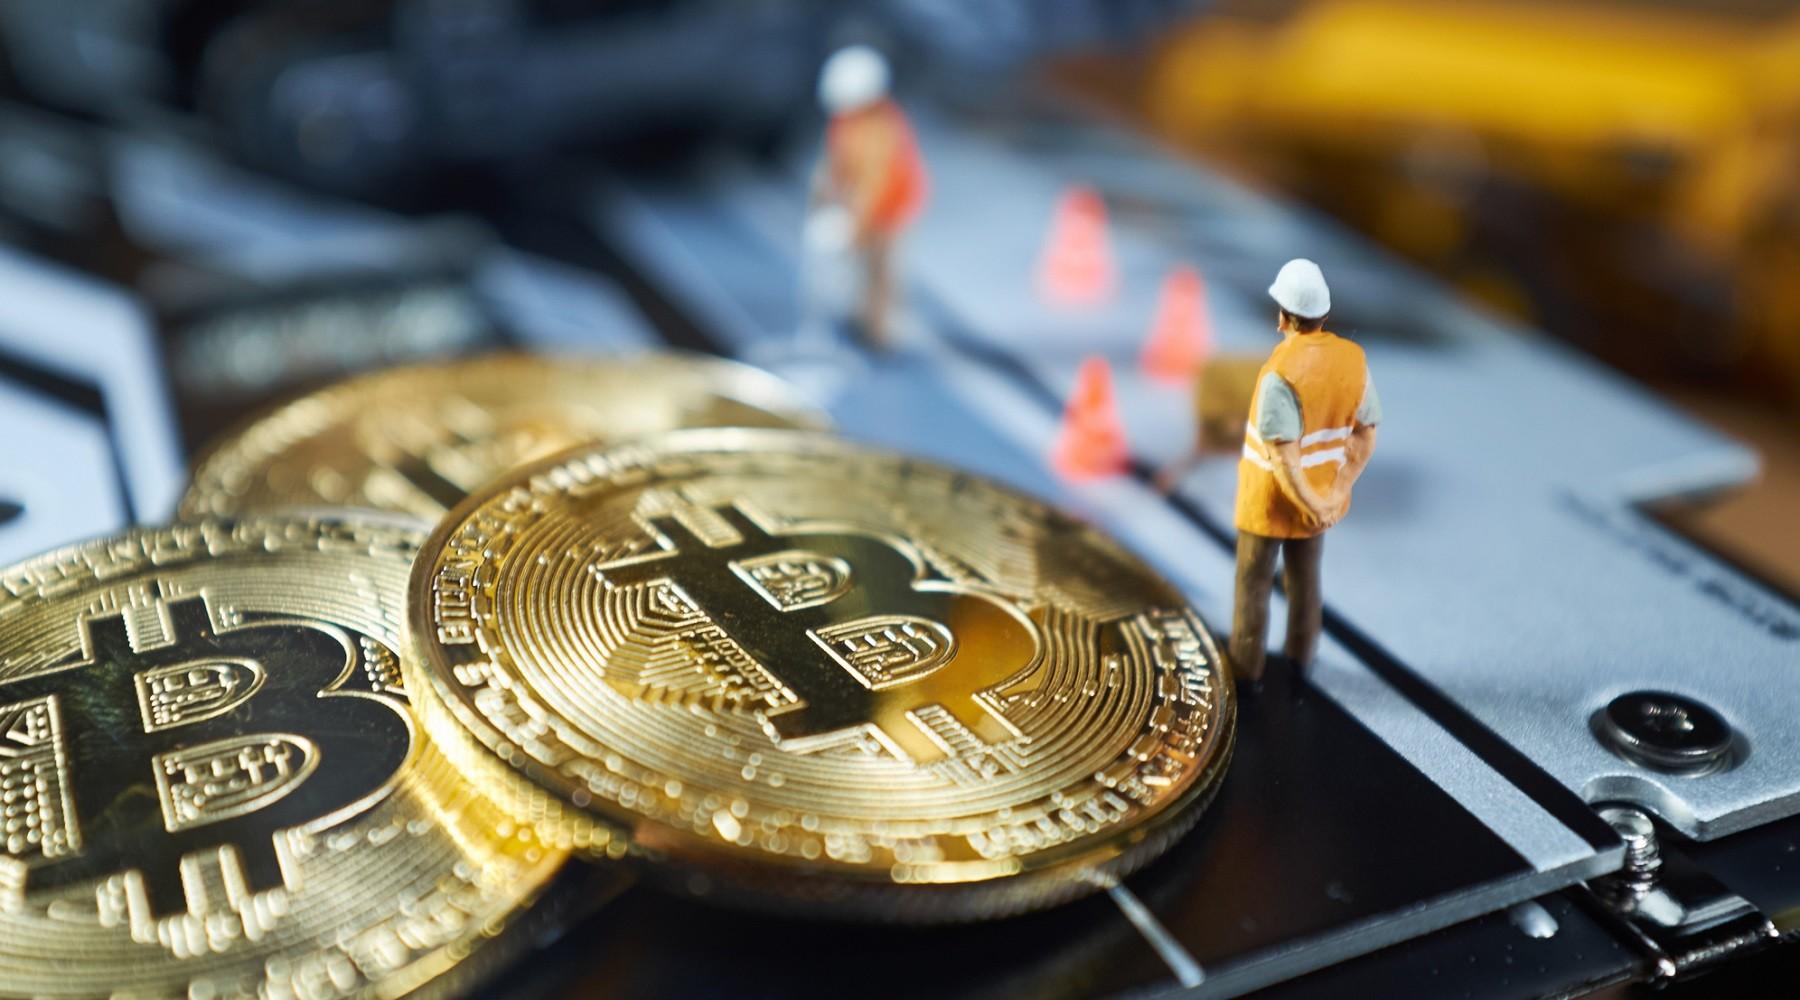 mindestinvestition in bitcoin-mining bitcoin anbieter vergleich